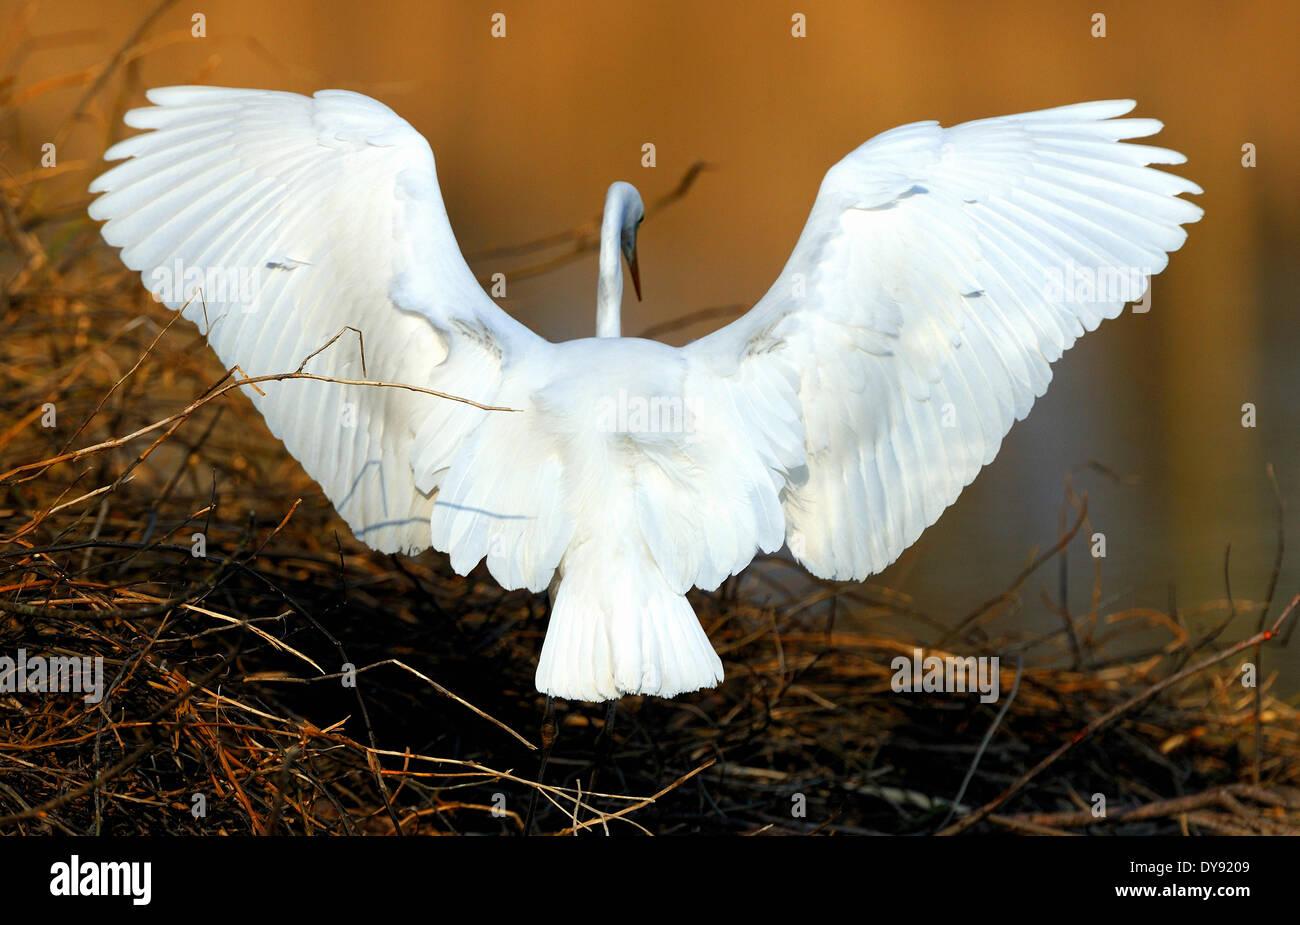 Silberreiher-Casmerodius Albus Reiher Schreitvögel Vögel Wasservögel fliegen Reiher Beaver Lodge Altmühl See Franken Tier, Stockbild